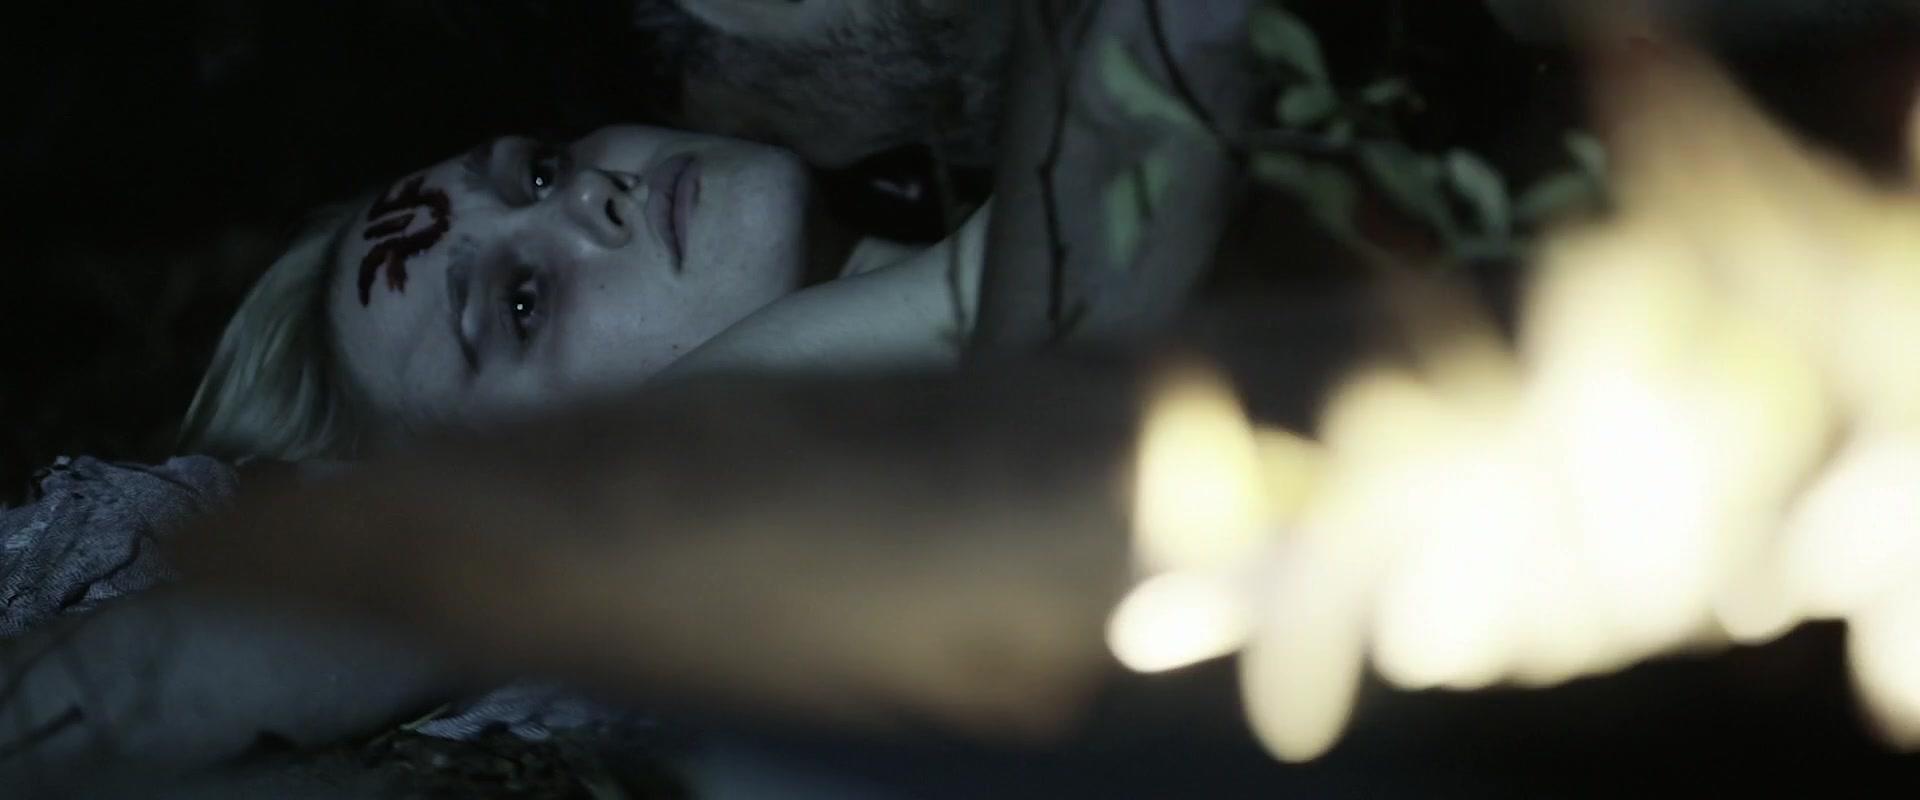 Eden Brolin nude - Blood Bound (2019)